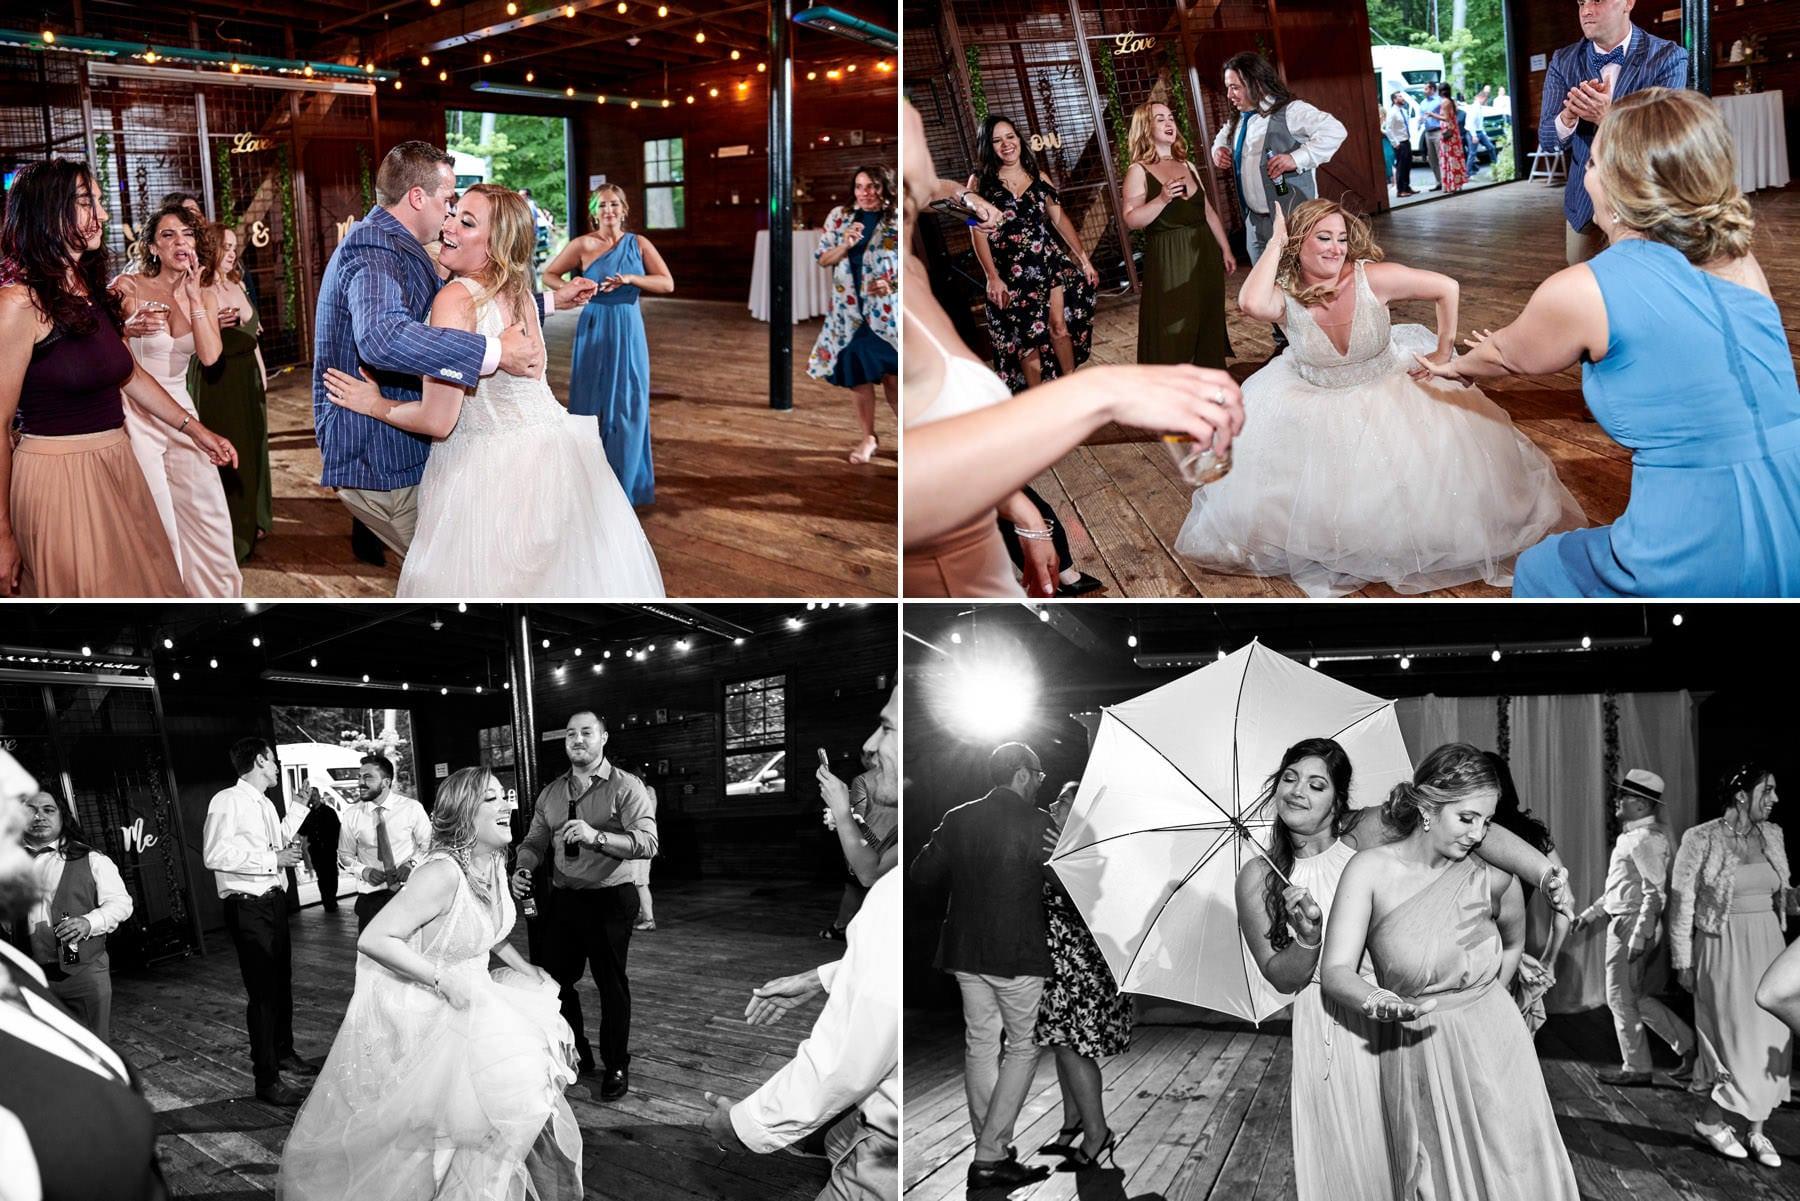 wedding dancing photos at maskers barn